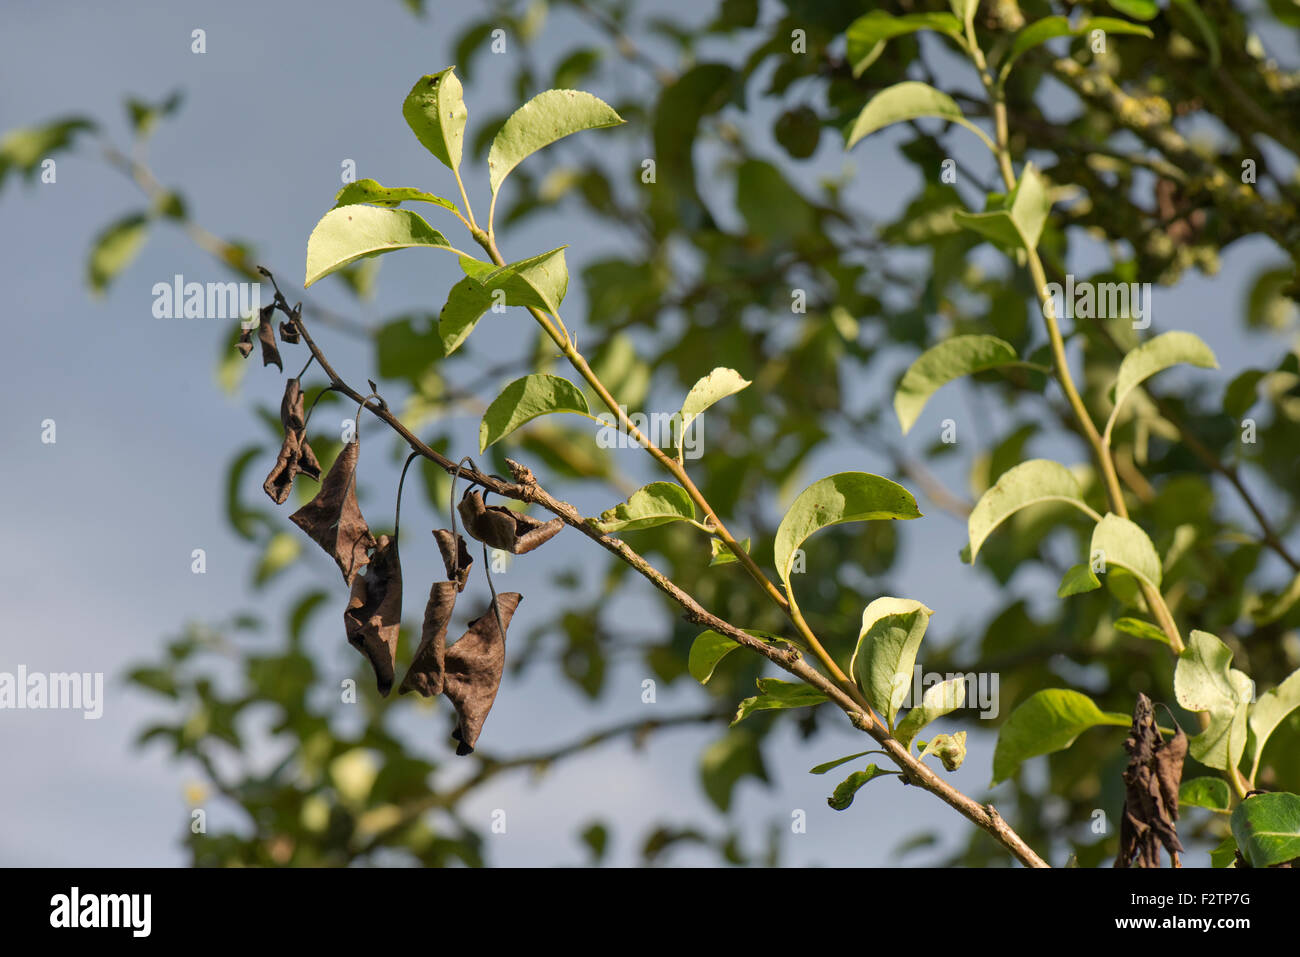 Le dépérissement de la direction générale sur une poire causé par un chancre, Neonectria Photo Stock